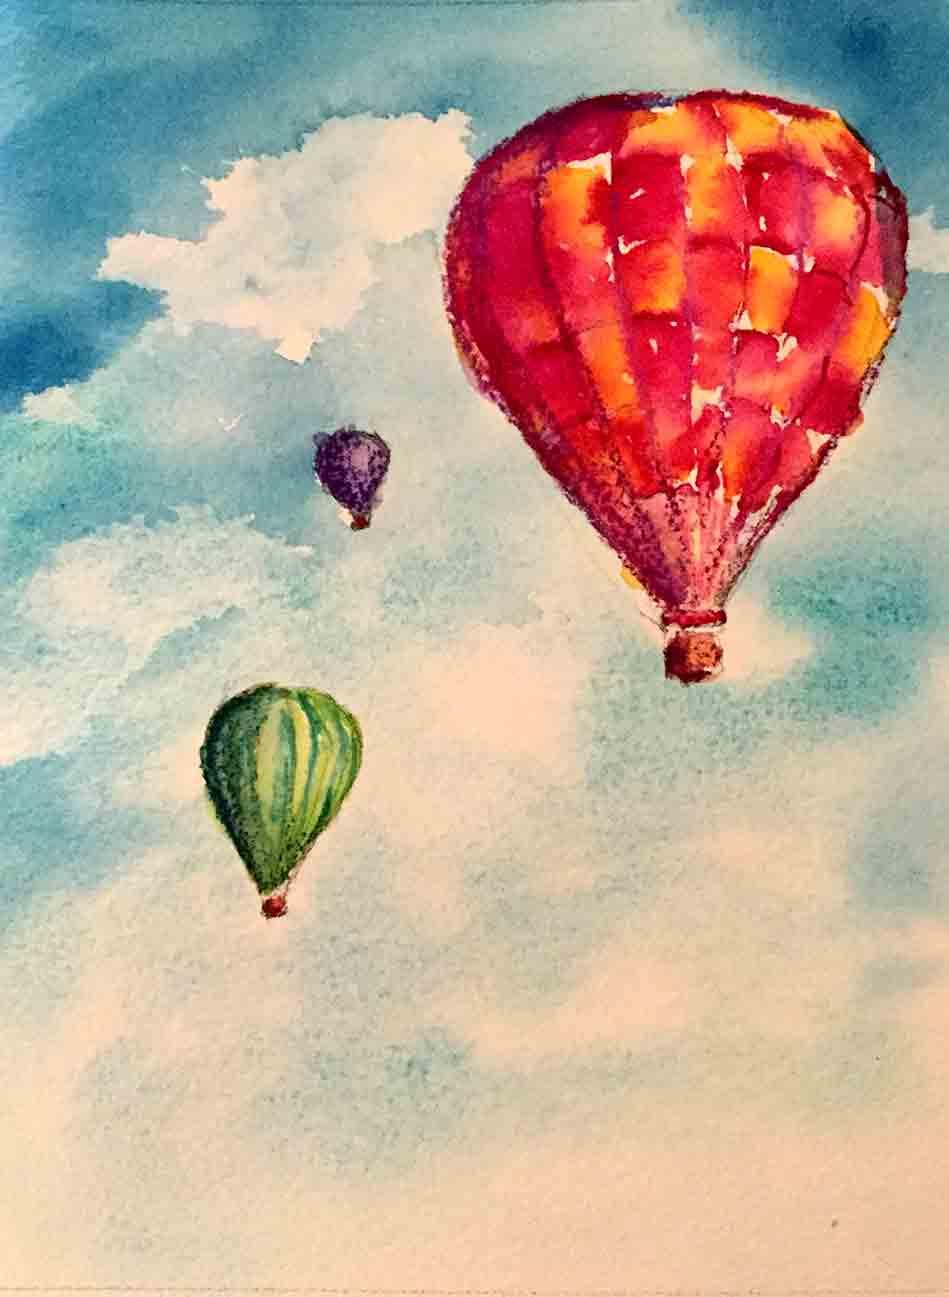 Hot-air-balloons-no-3-three-up-kw.jpg